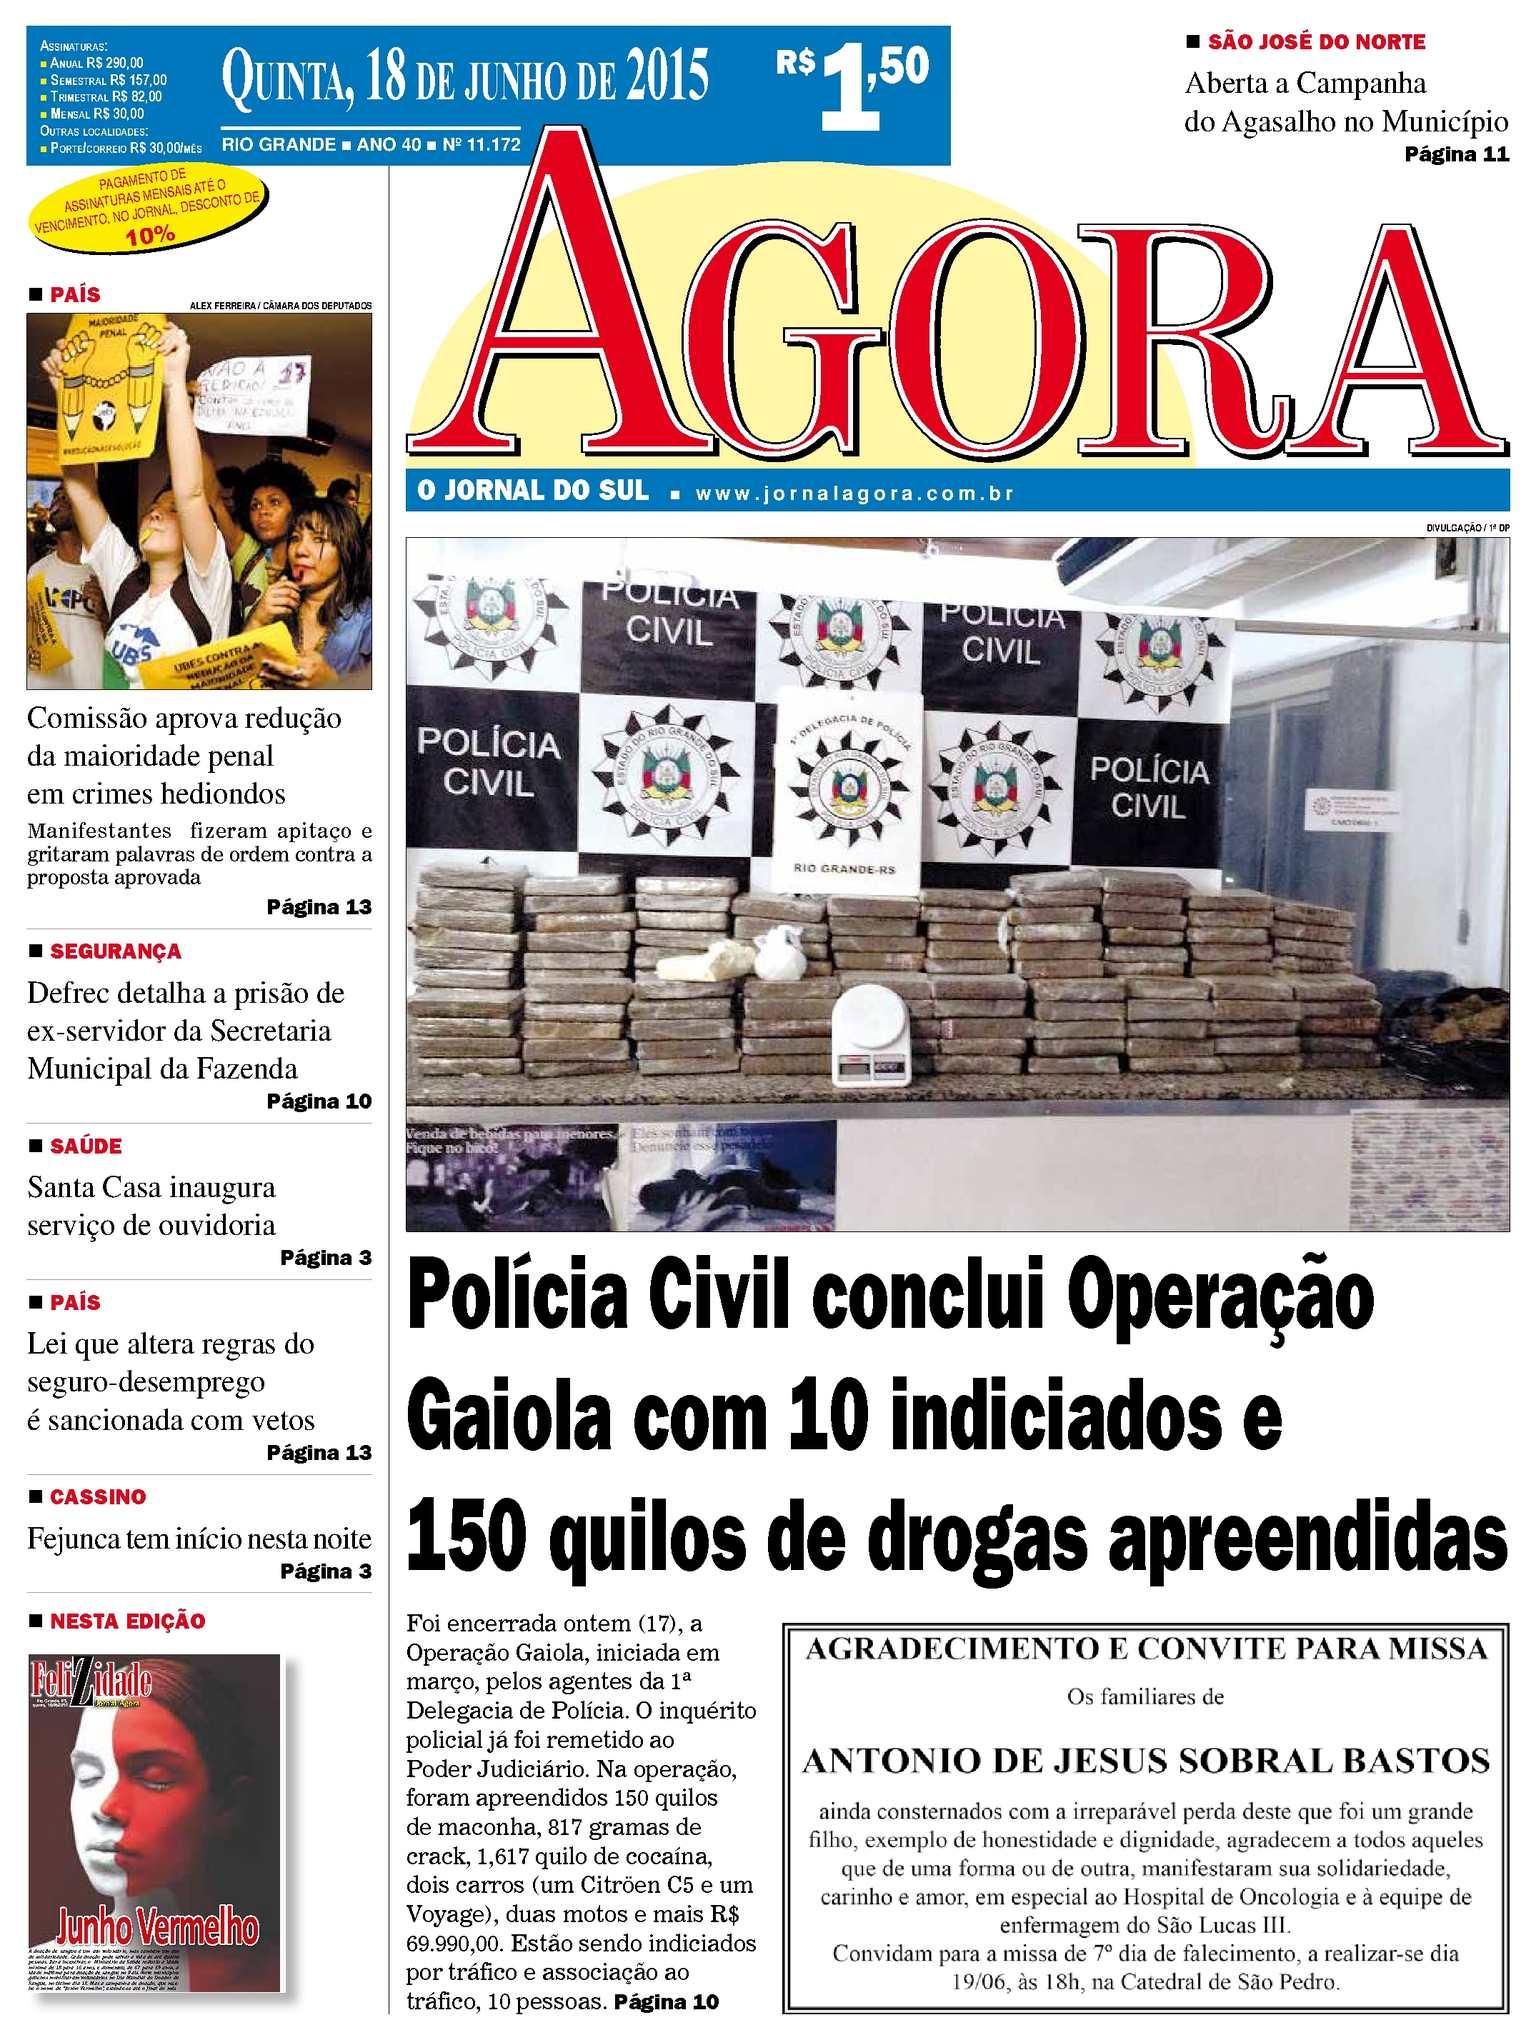 6cd318a4e02 Calaméo - Jornal Agora - Edição 11172 - 18 de Junho de 2015